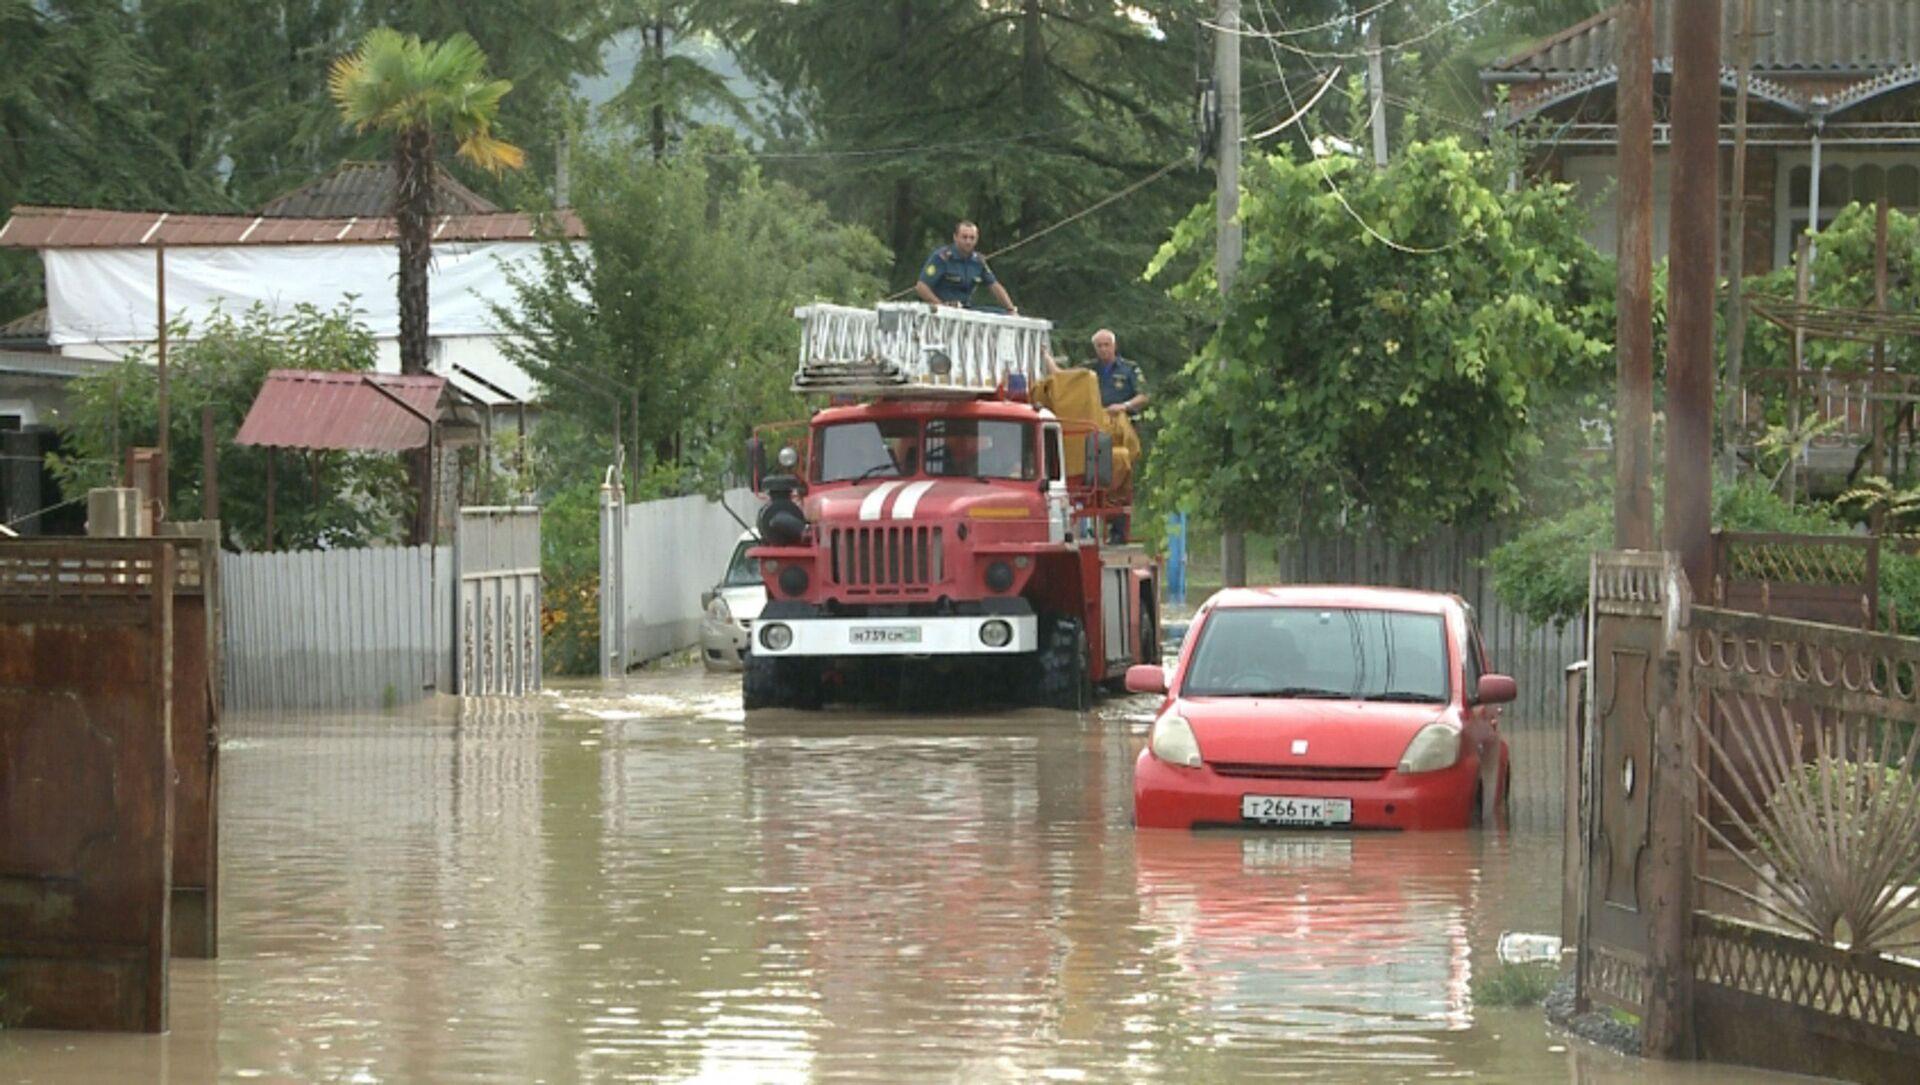 Затопленные дороги и дома  в Абхазии  - Sputnik Абхазия, 1920, 27.07.2021